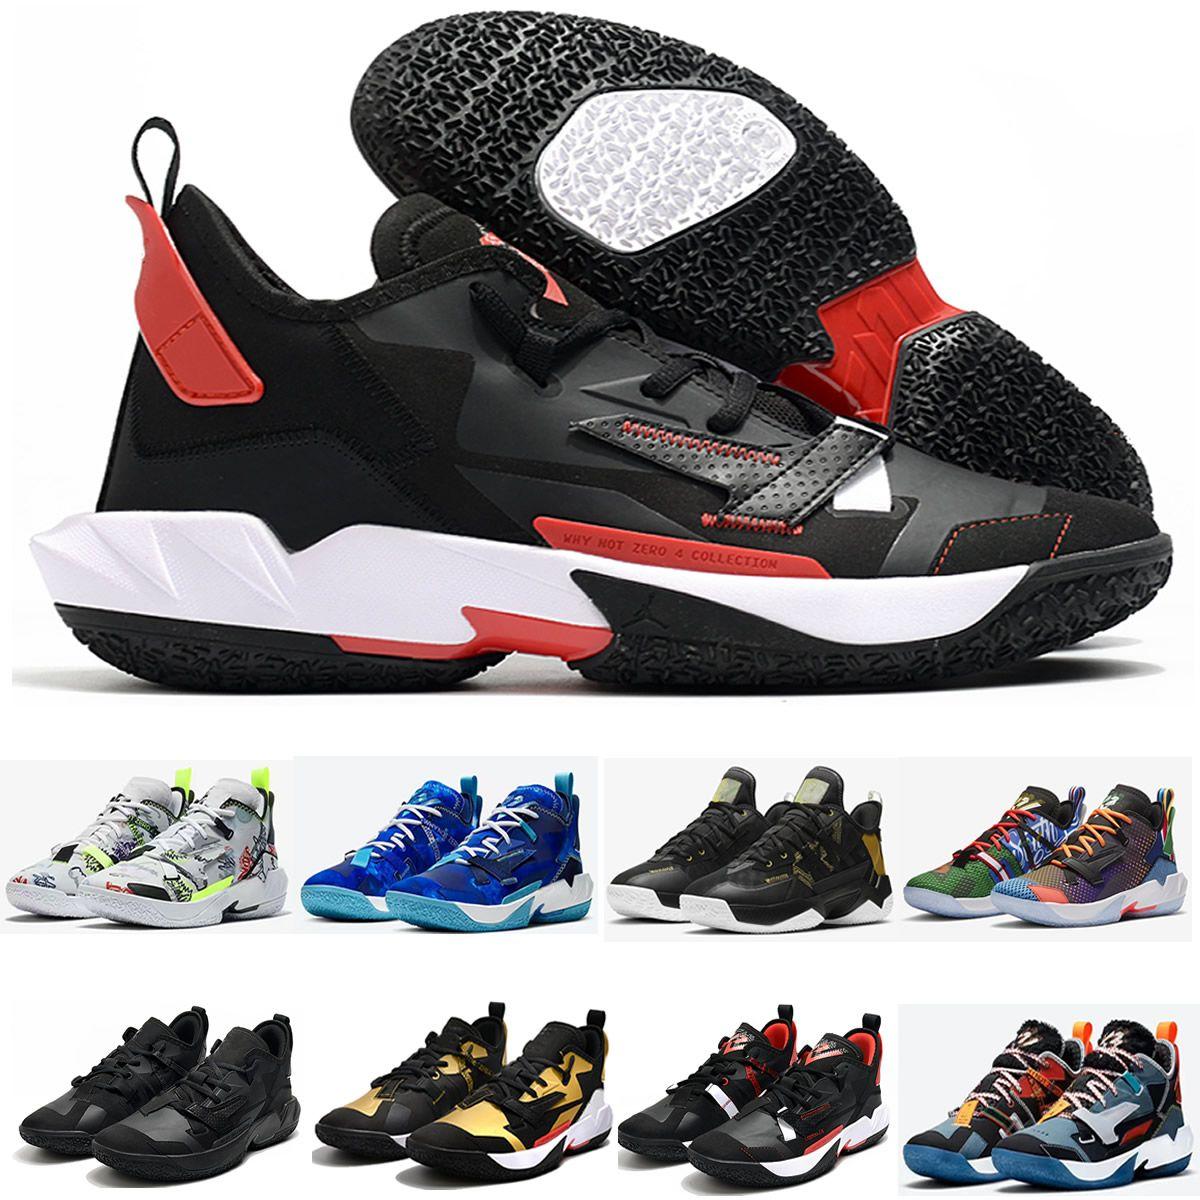 En Yeni Russell Neden Zer0.4 Westbrook Basketbol Ayakkabıları IV 4S 4th, Michigan Zero.4 Sıfır 0.4 Erkekler Mavi Spor Ayakkabı US 7-12